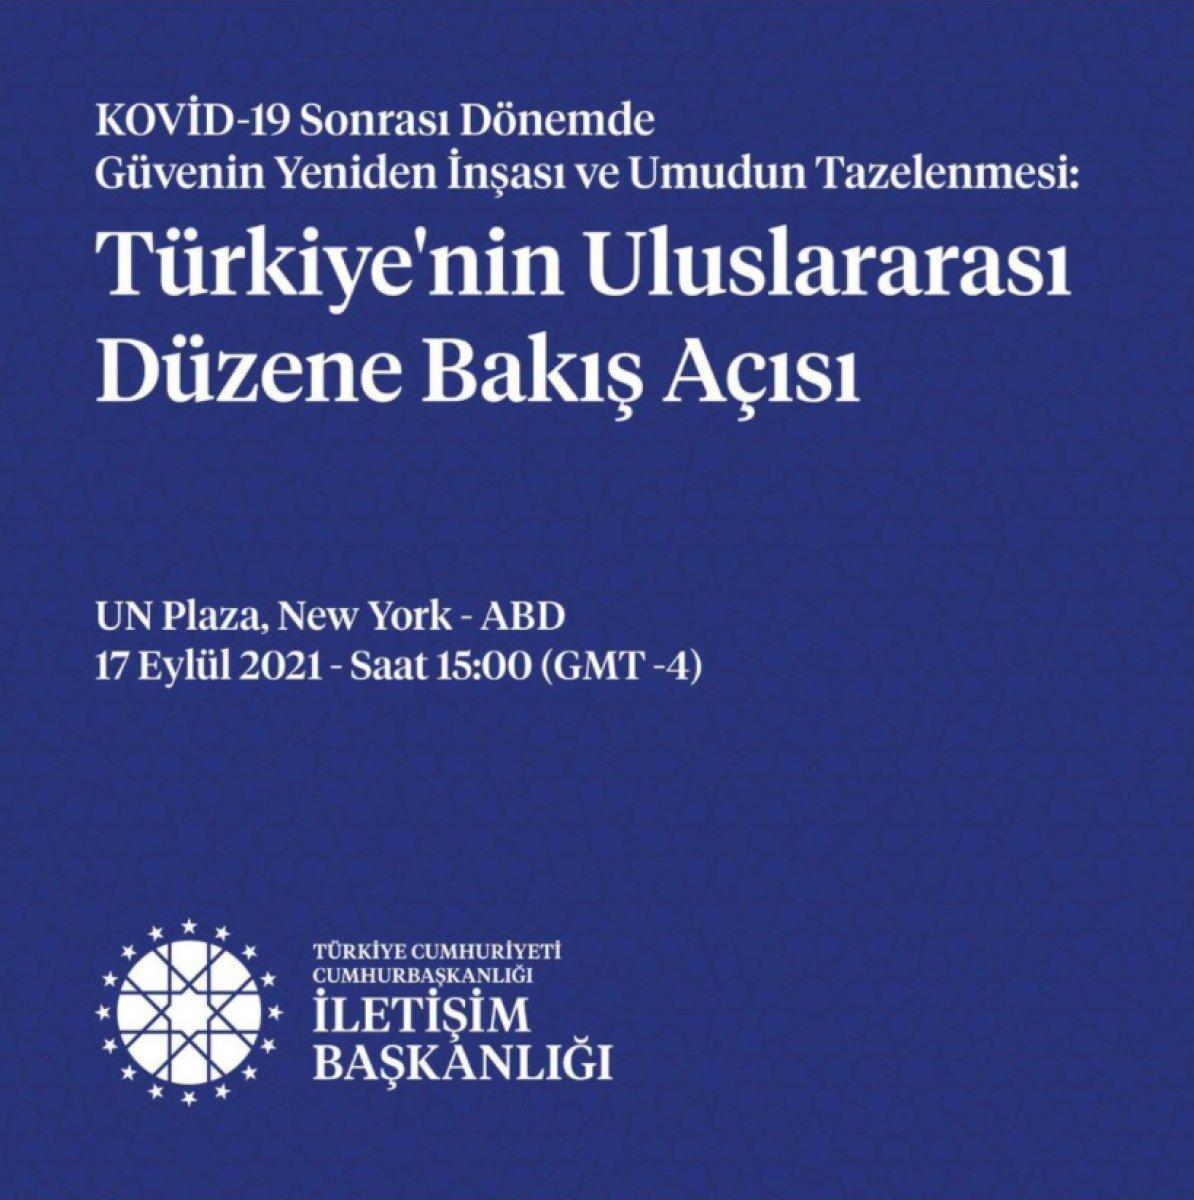 Fahrettin Altun: Türkiye ABD de uluslararası panel düzenleyecek #1